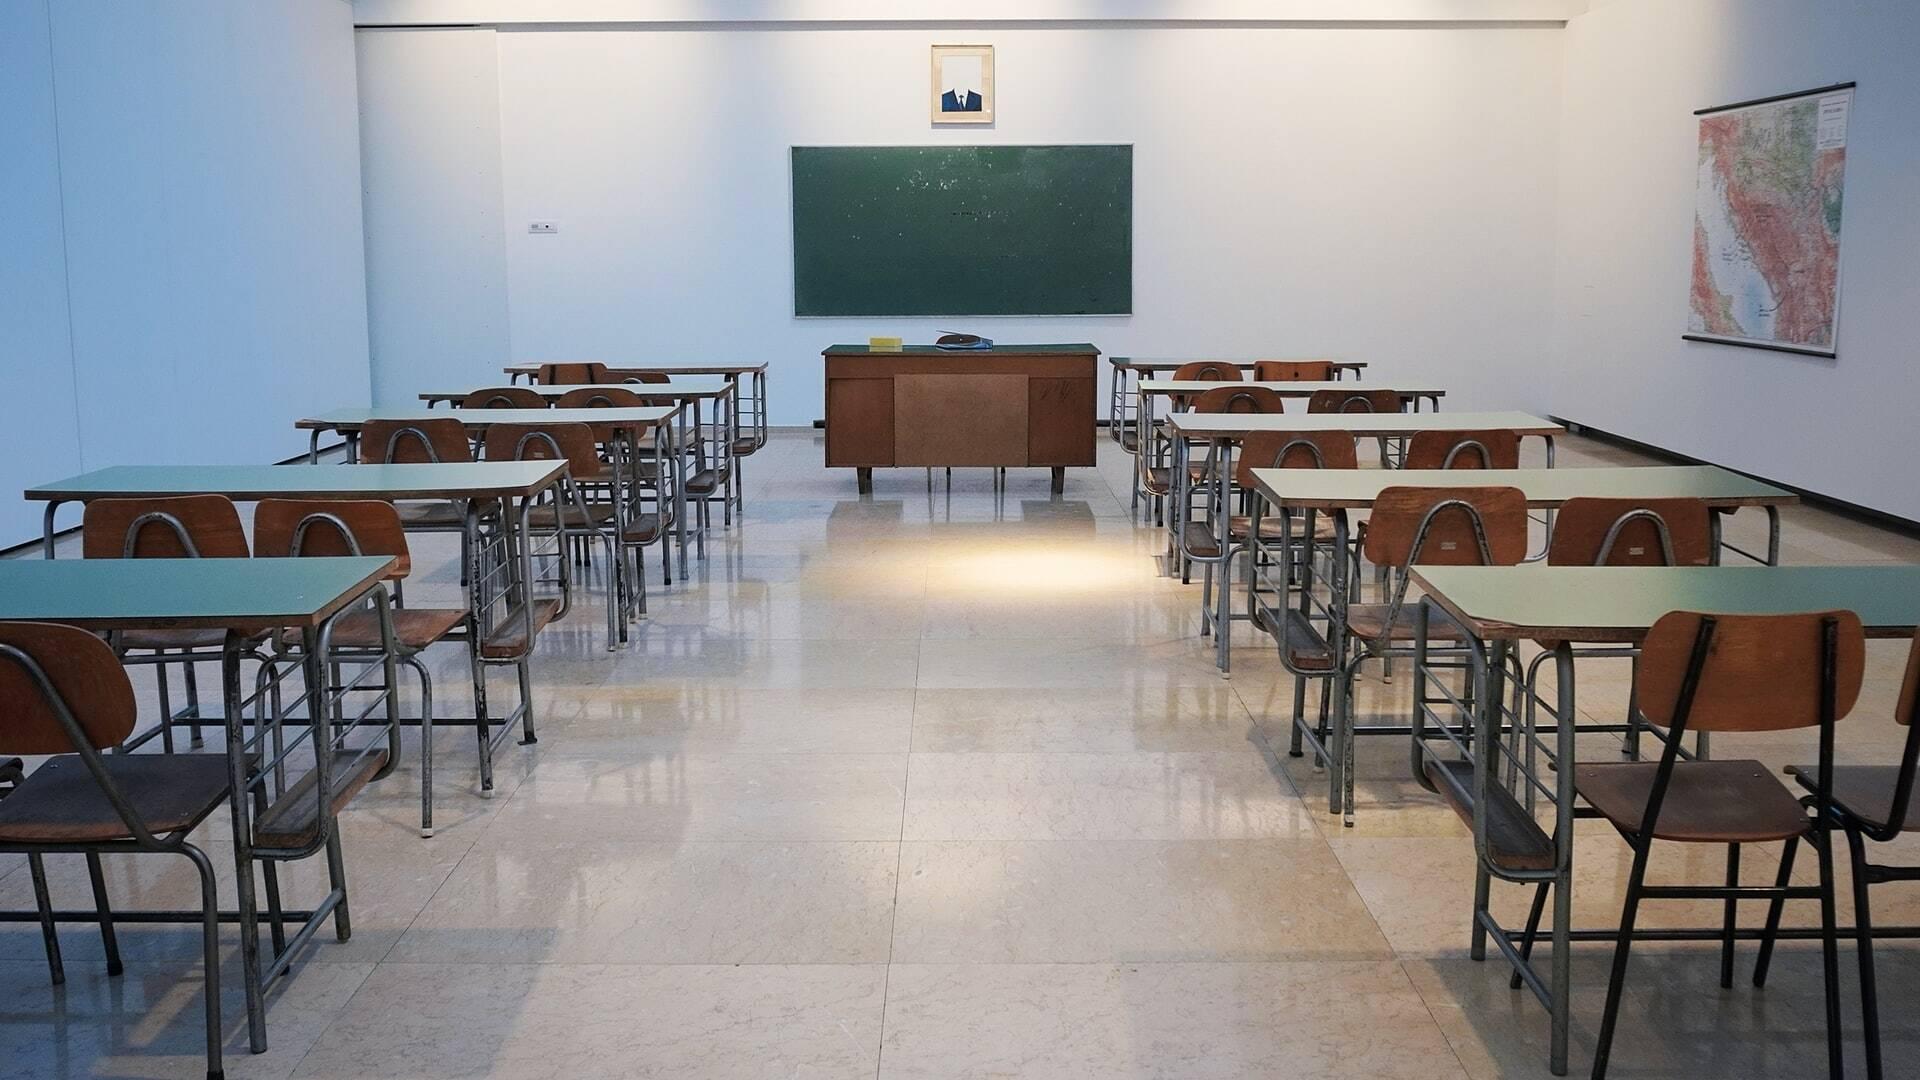 Foi um dos pedidos das instituições para que aconteça o aumento de alunos nas classes (Foto: Unsplash)